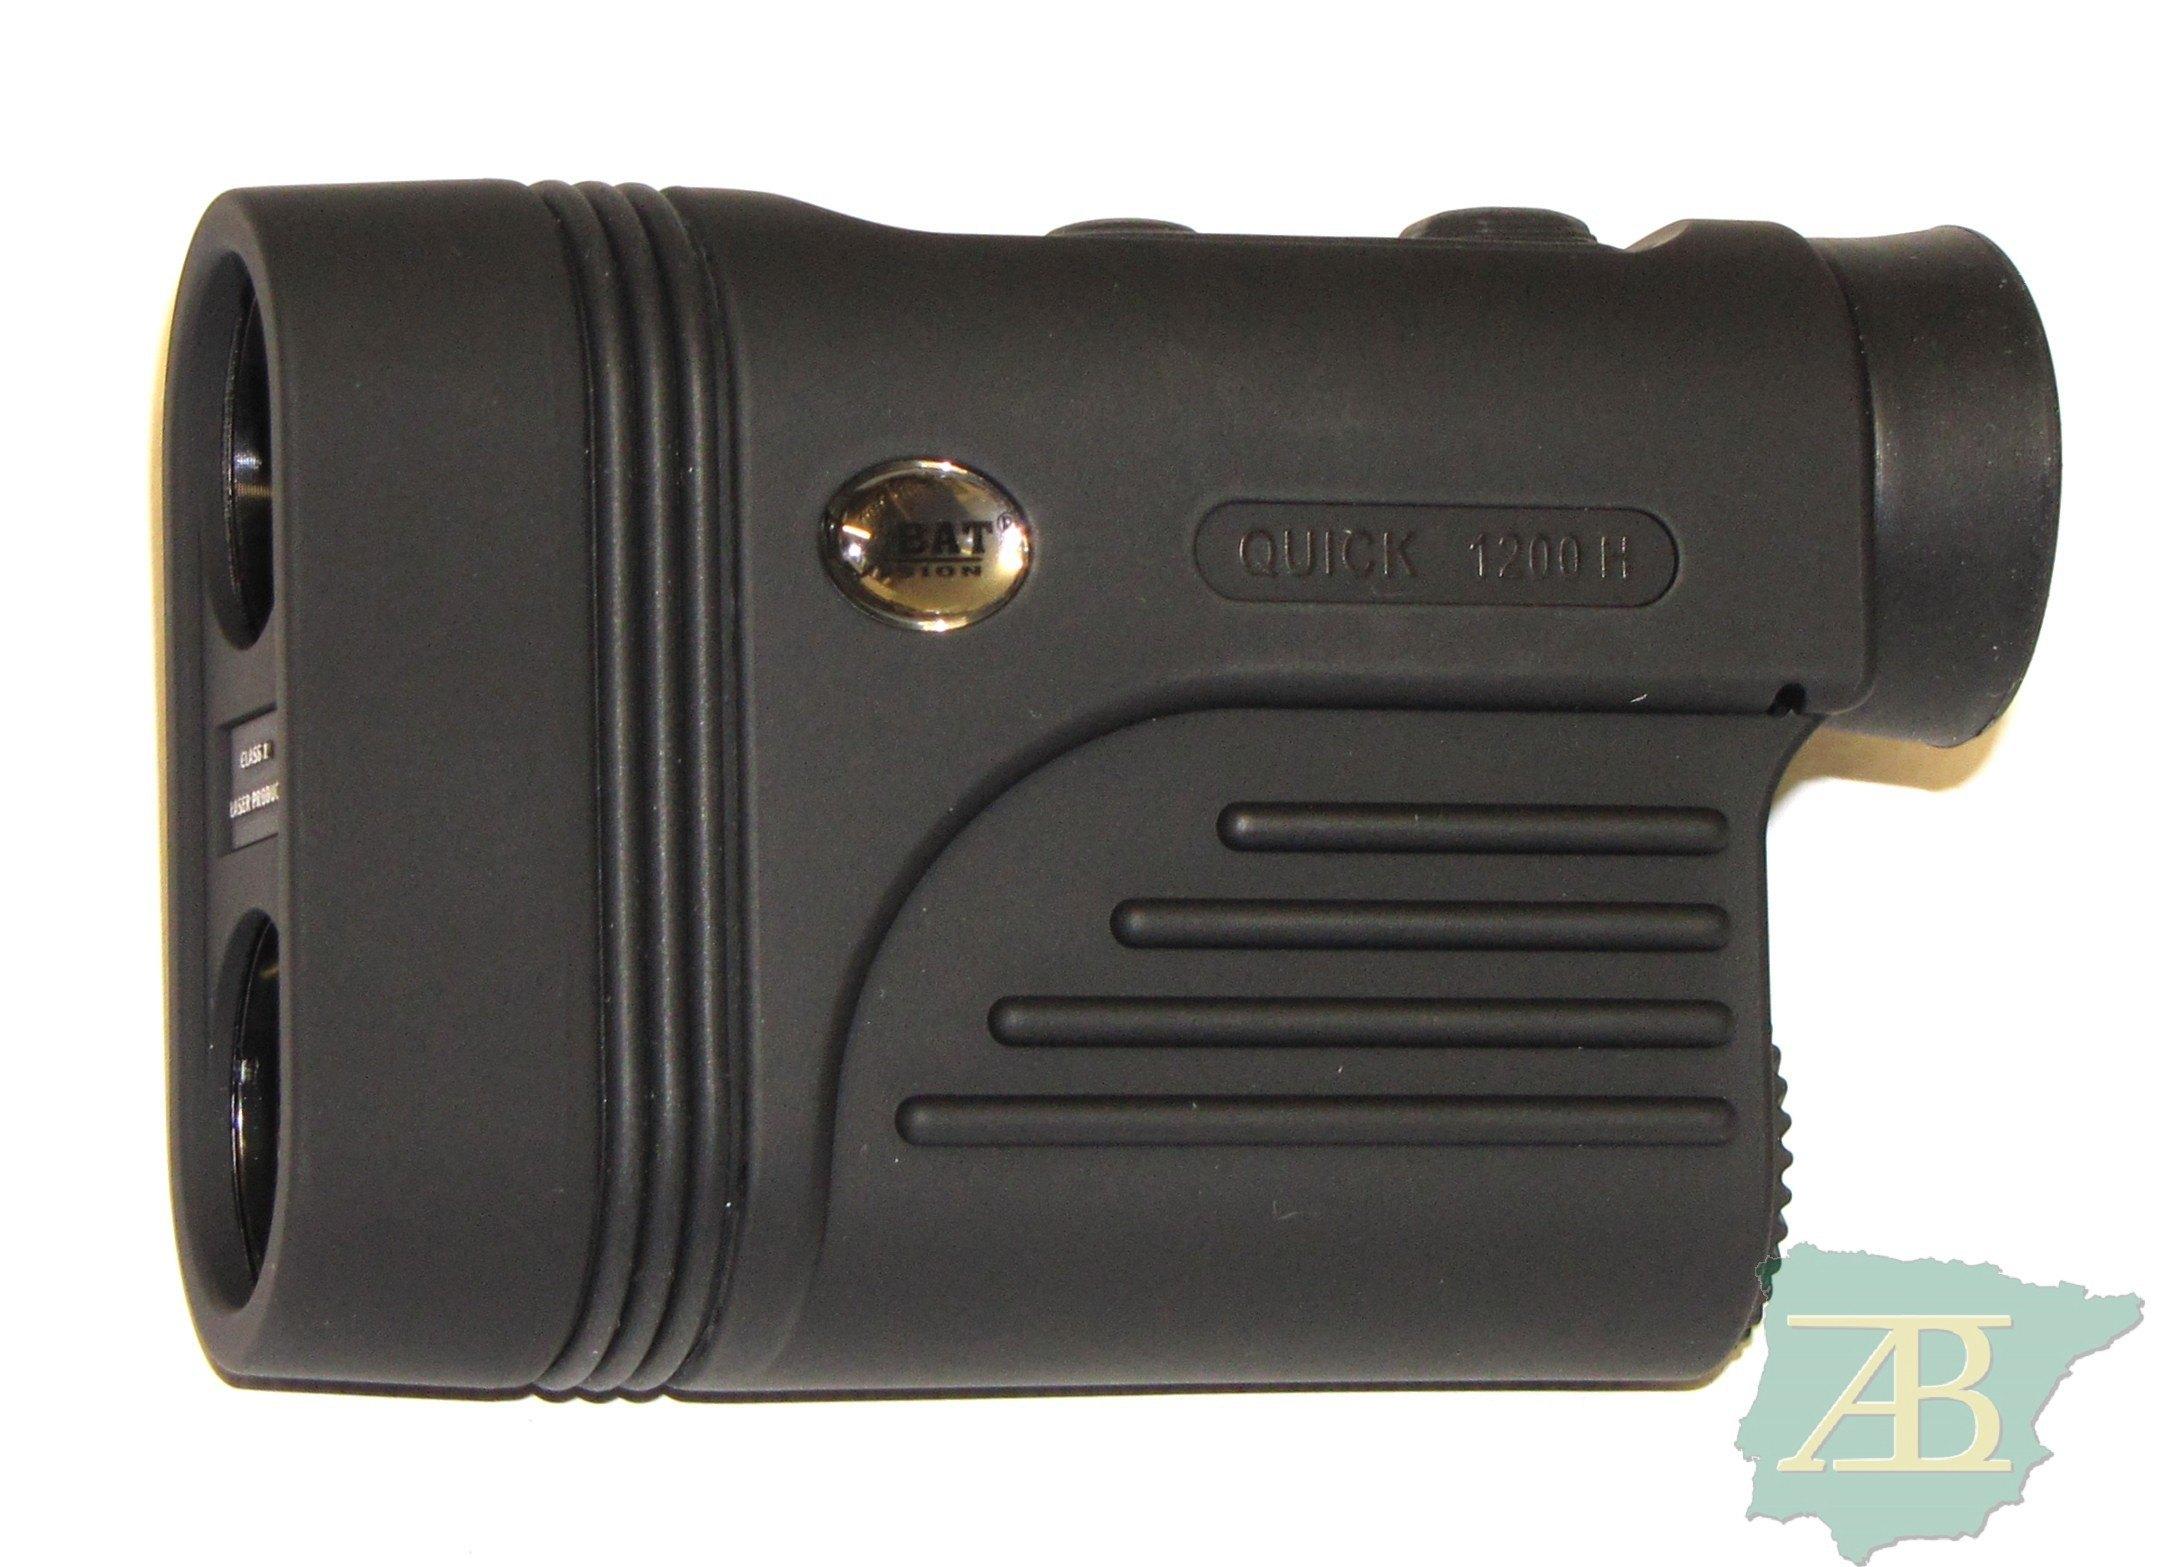 TELEMETRO BAT VISION BAT-T1200 6X26